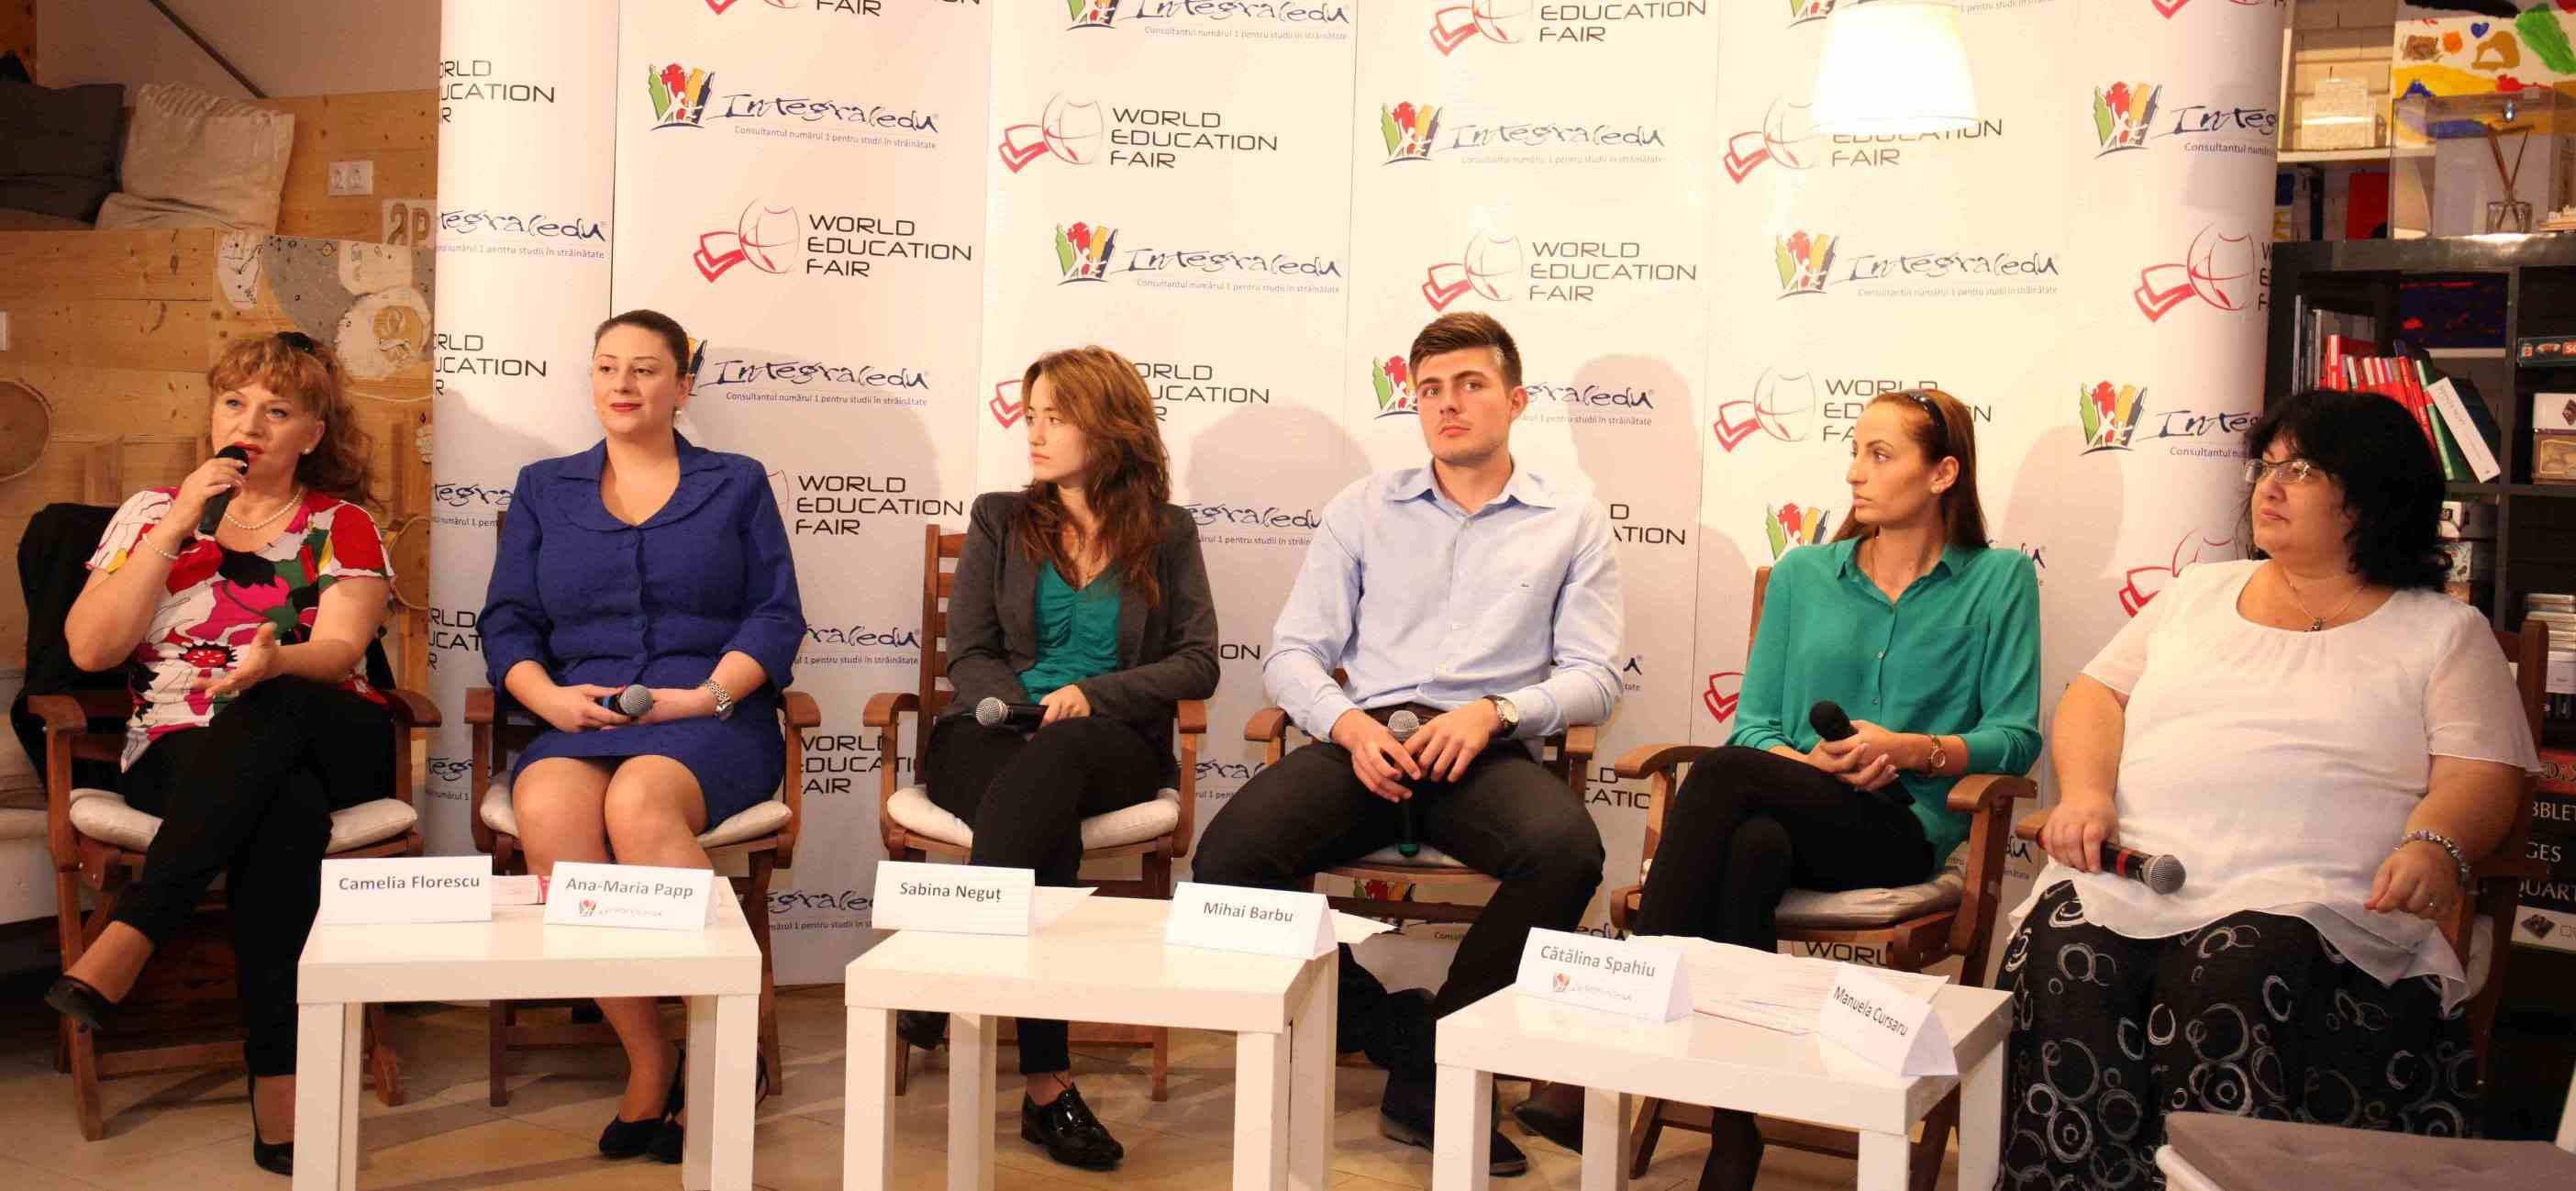 World Education Fair, târgul la care cei mai buni elevi români  se întâlnesc cu reprezentanții universităților de top din străinătate,  revine în acest weekend la București